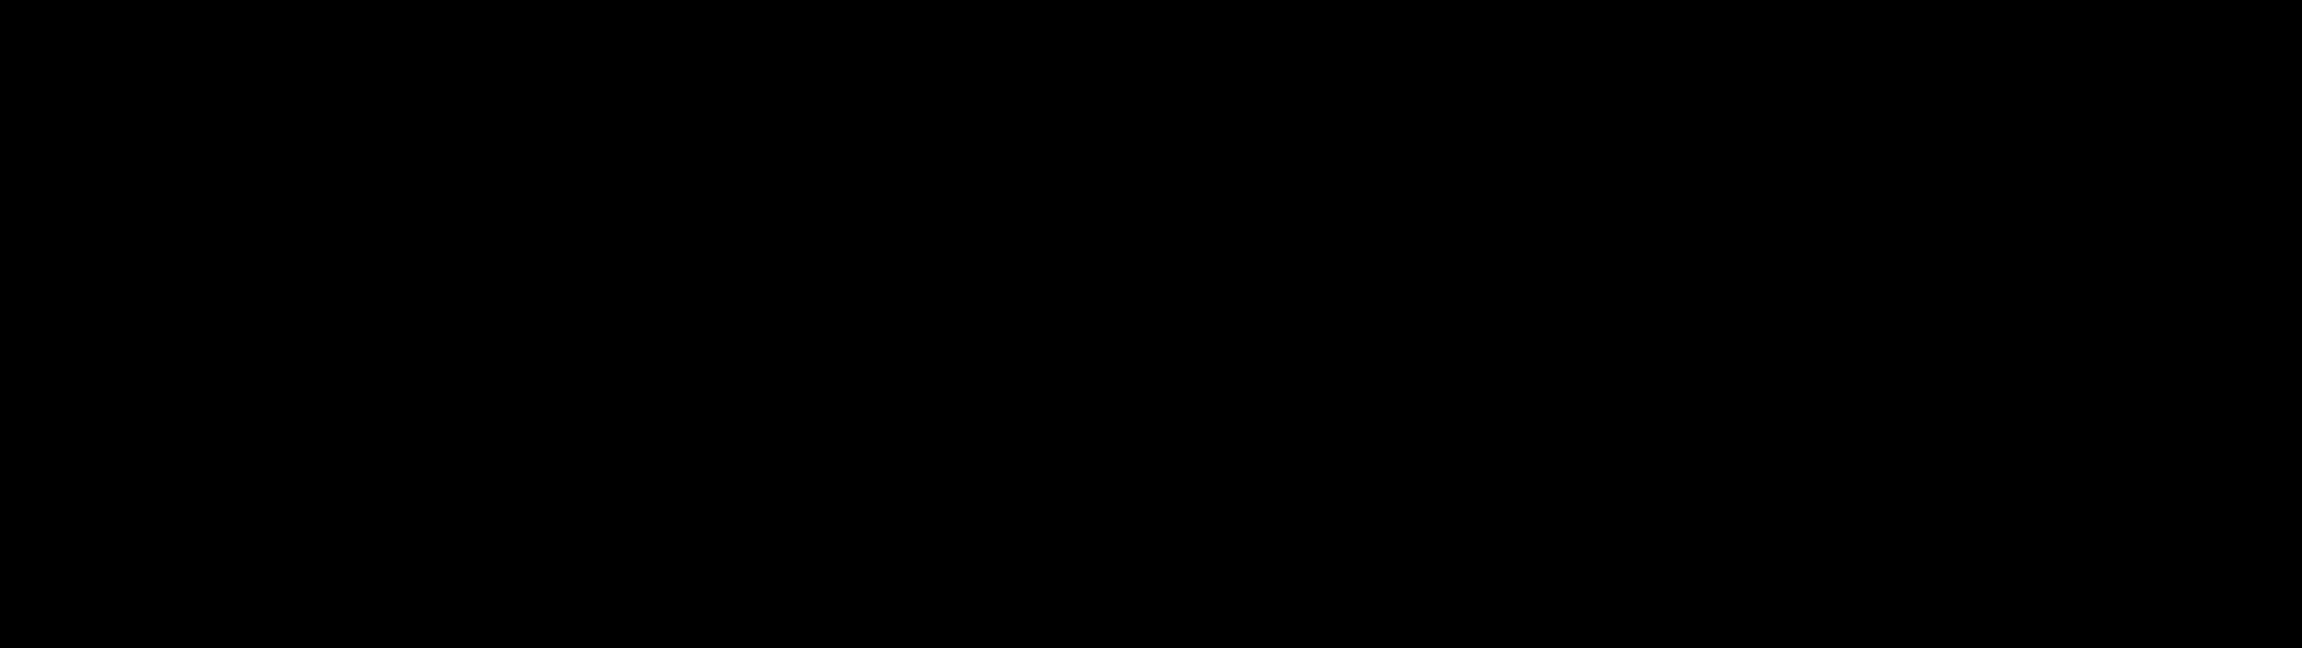 Aripiprazole EP impurity E